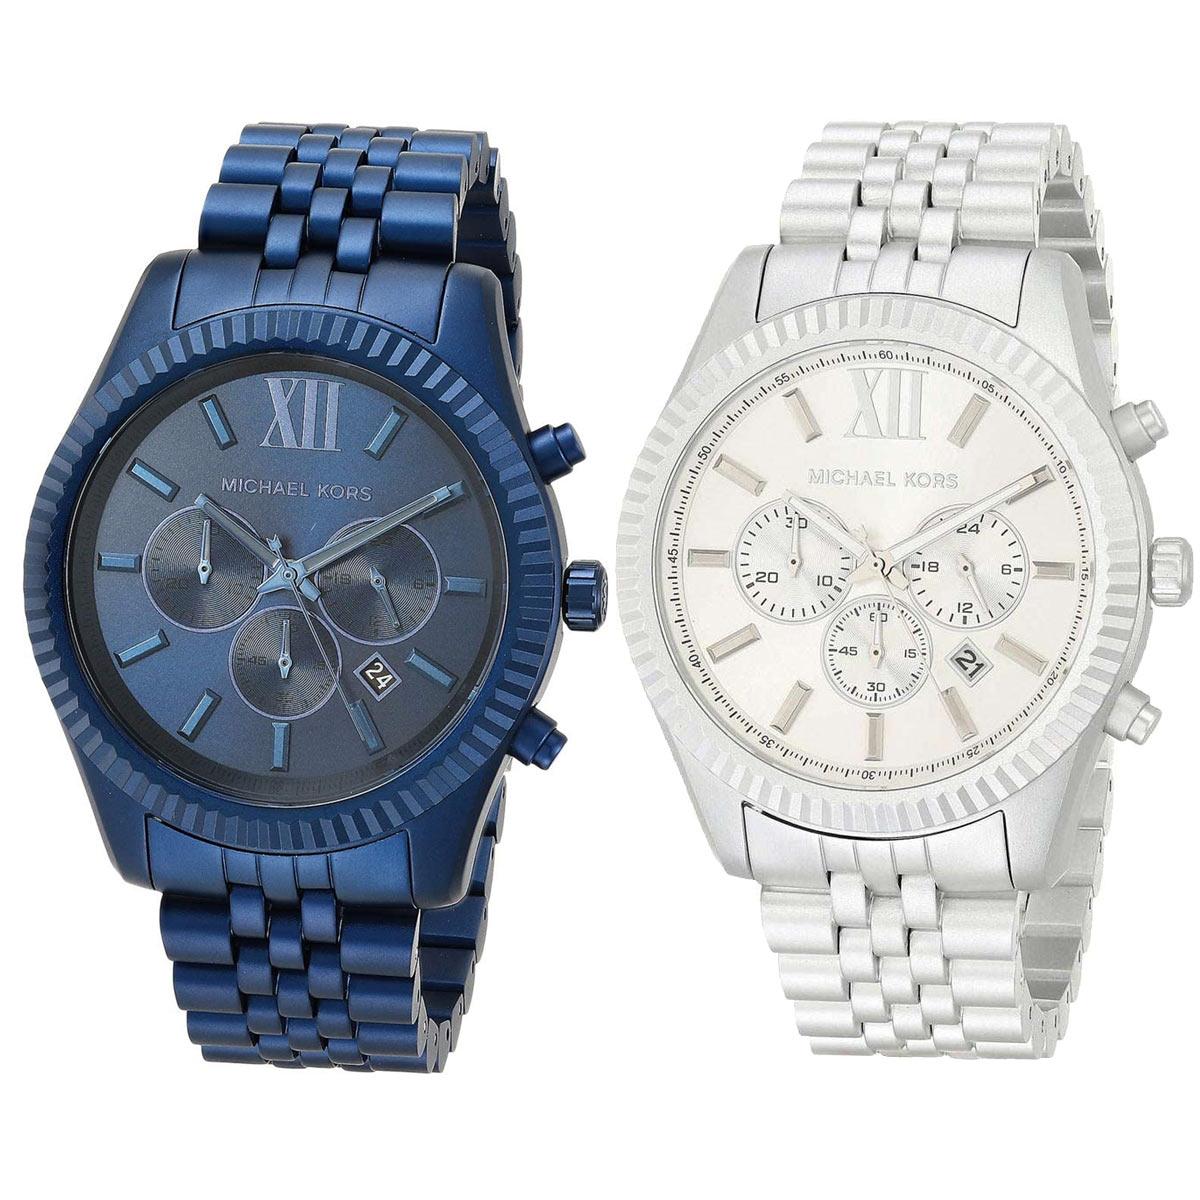 マイケルコース 時計 新作 人気 腕時計 毎日激安特売で 営業中です レディース ブランド レキシントン Michael Kors おしゃれ Lexington